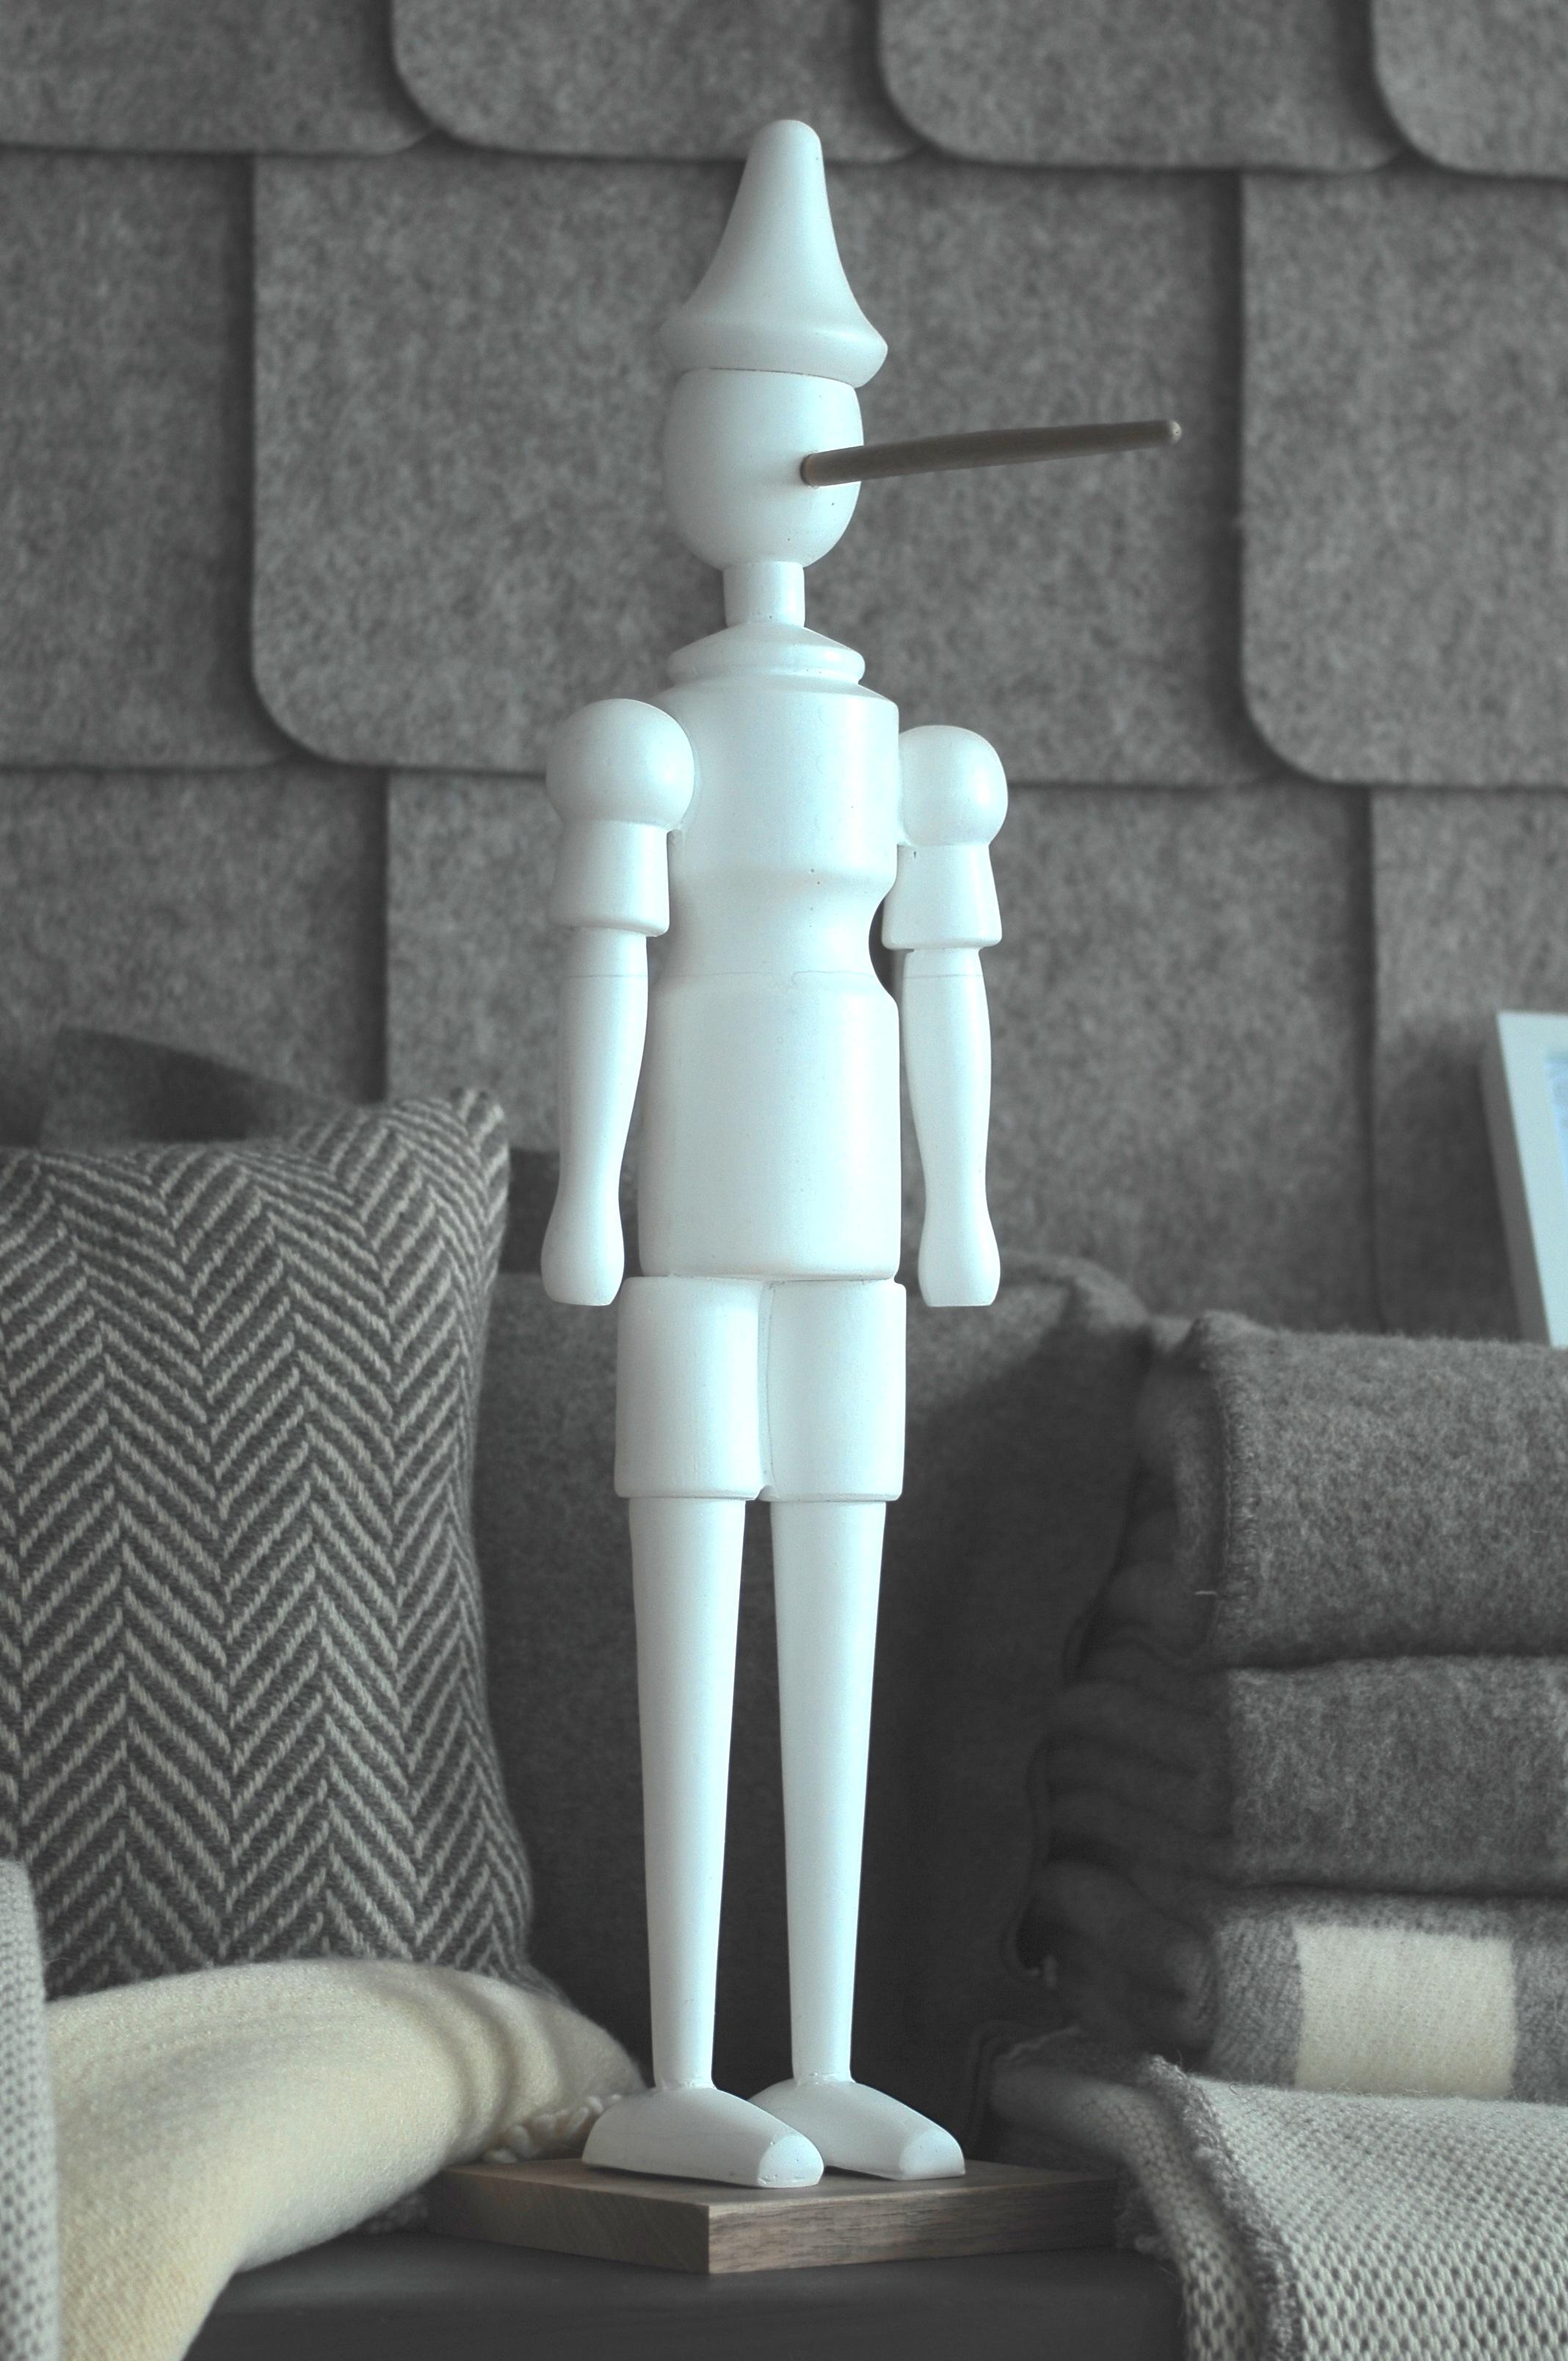 Pinochio plasticrète blanche. nez et socle en chêne  www.alpine-concept-store